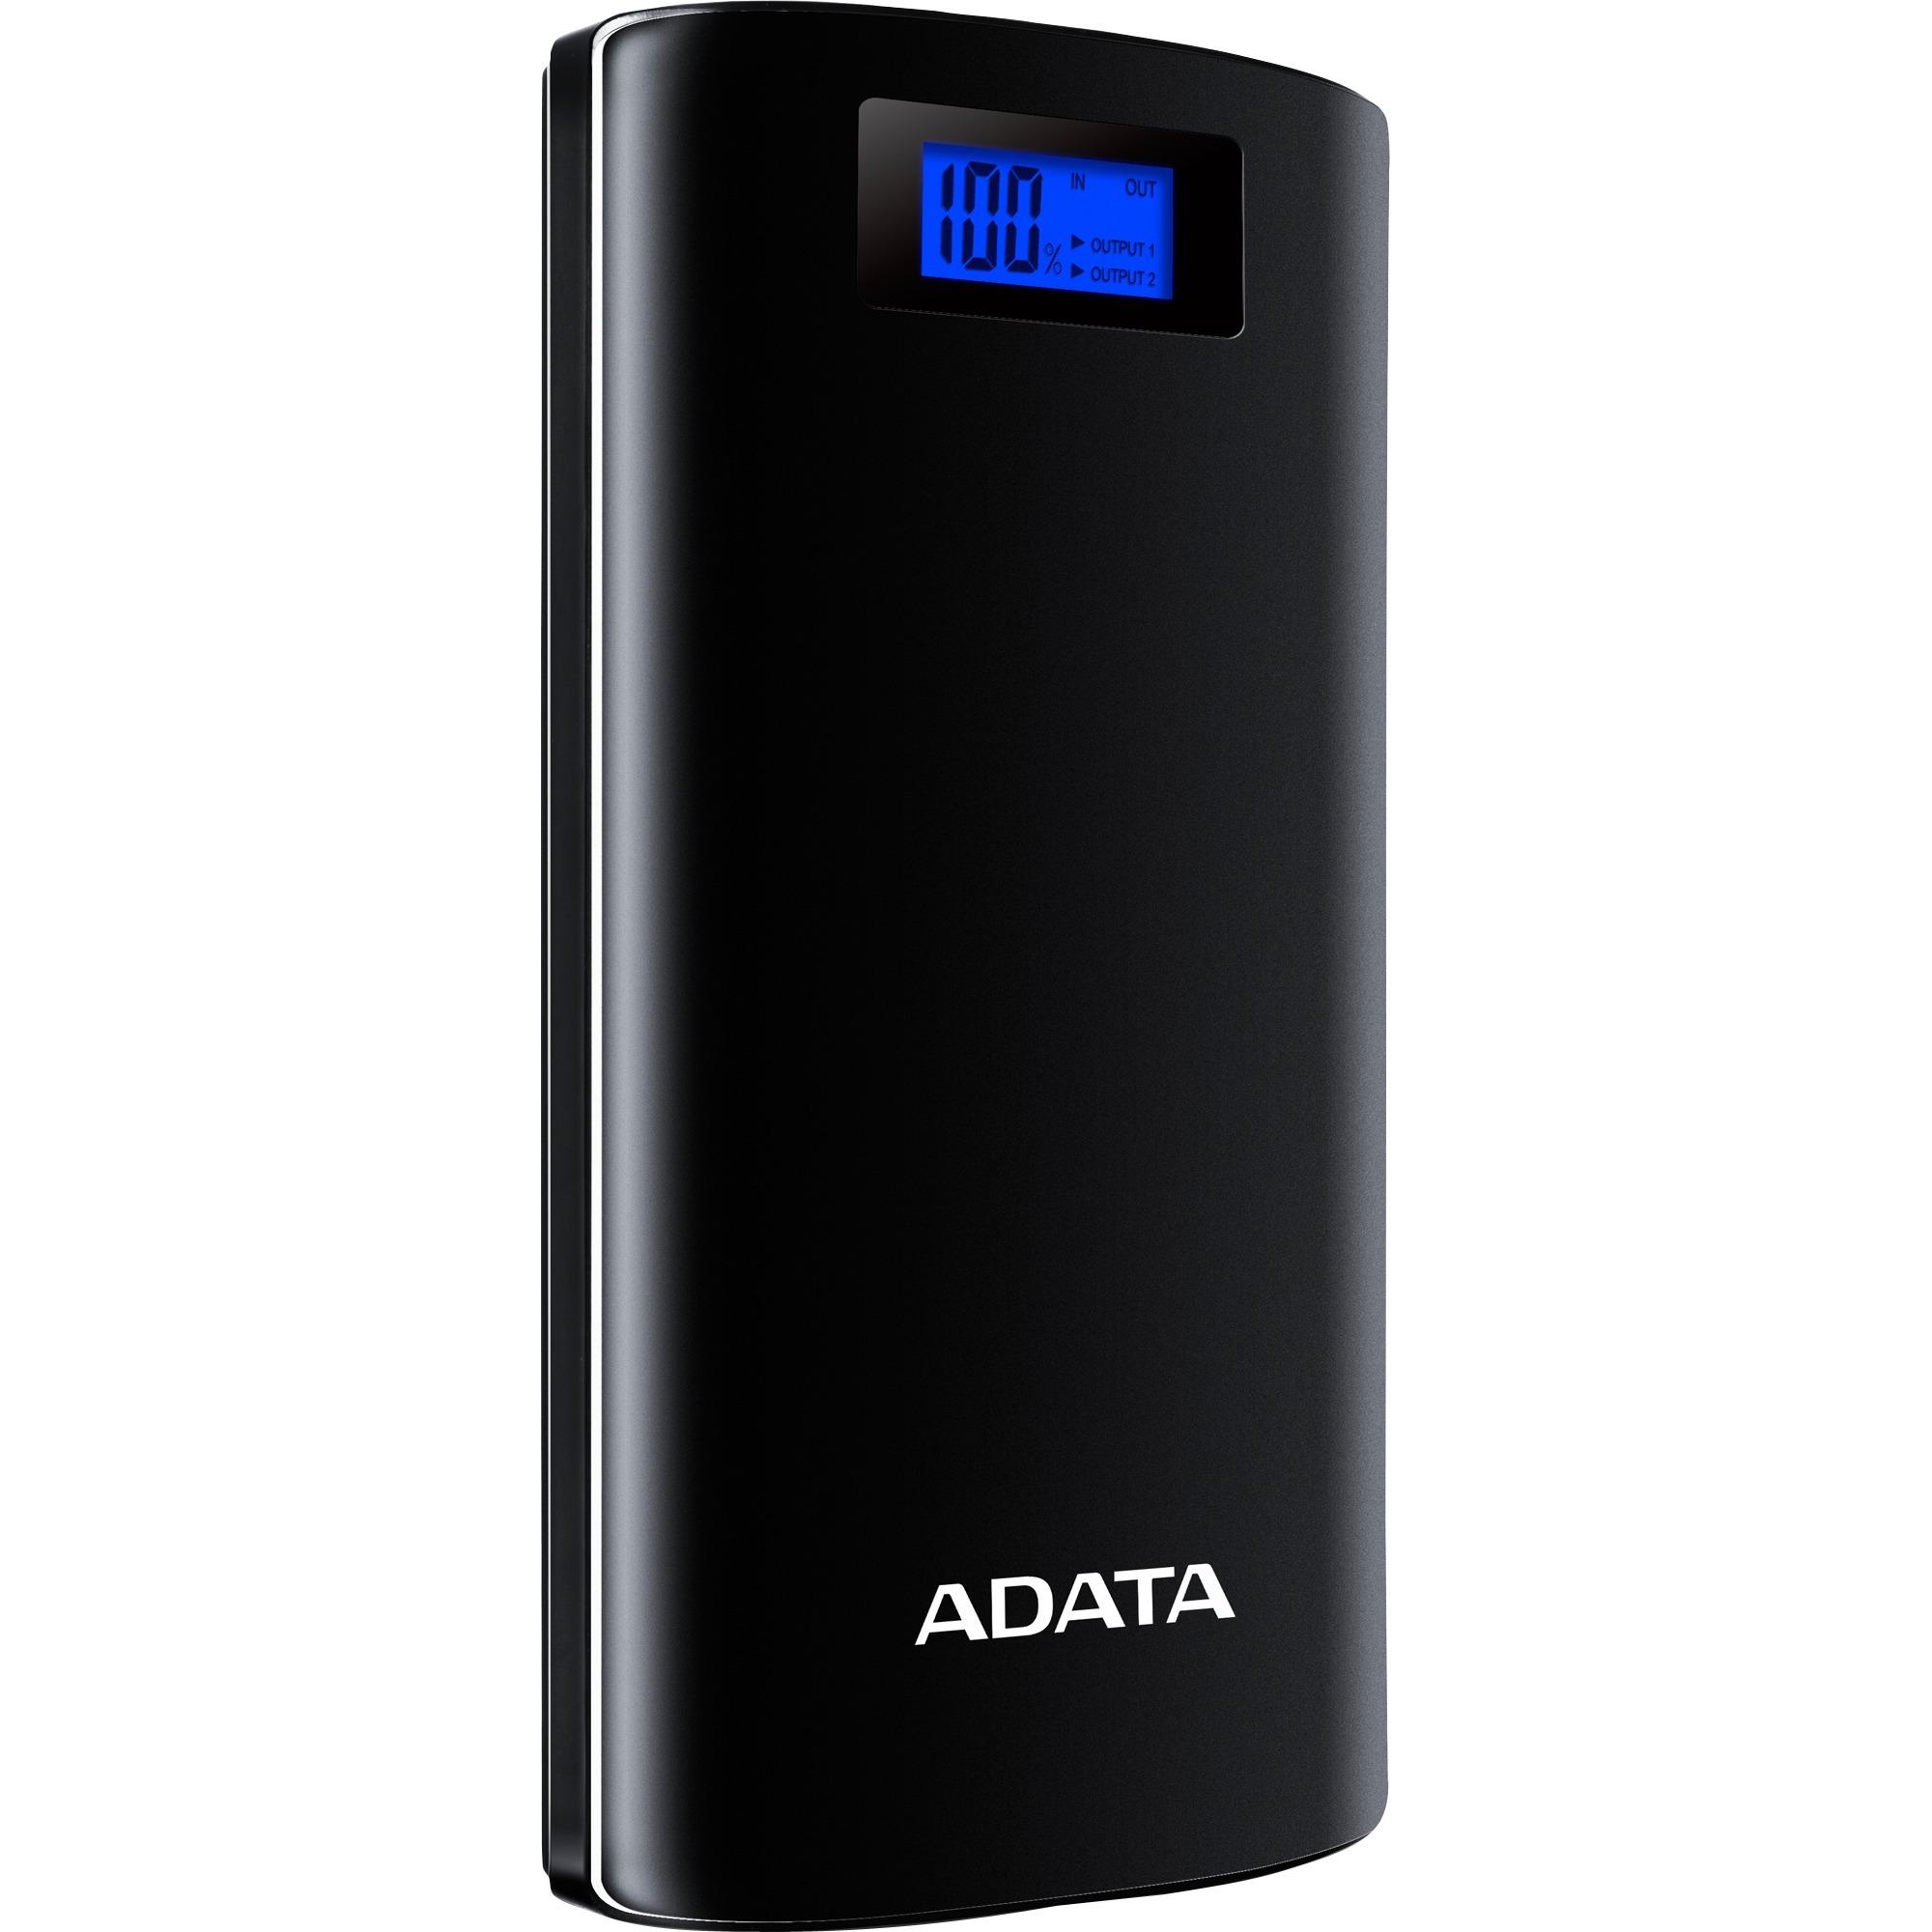 p20000d-lithium-ion-li-ion-20000mah-sort-oplader-til-genopladelig-batteri-power-bank